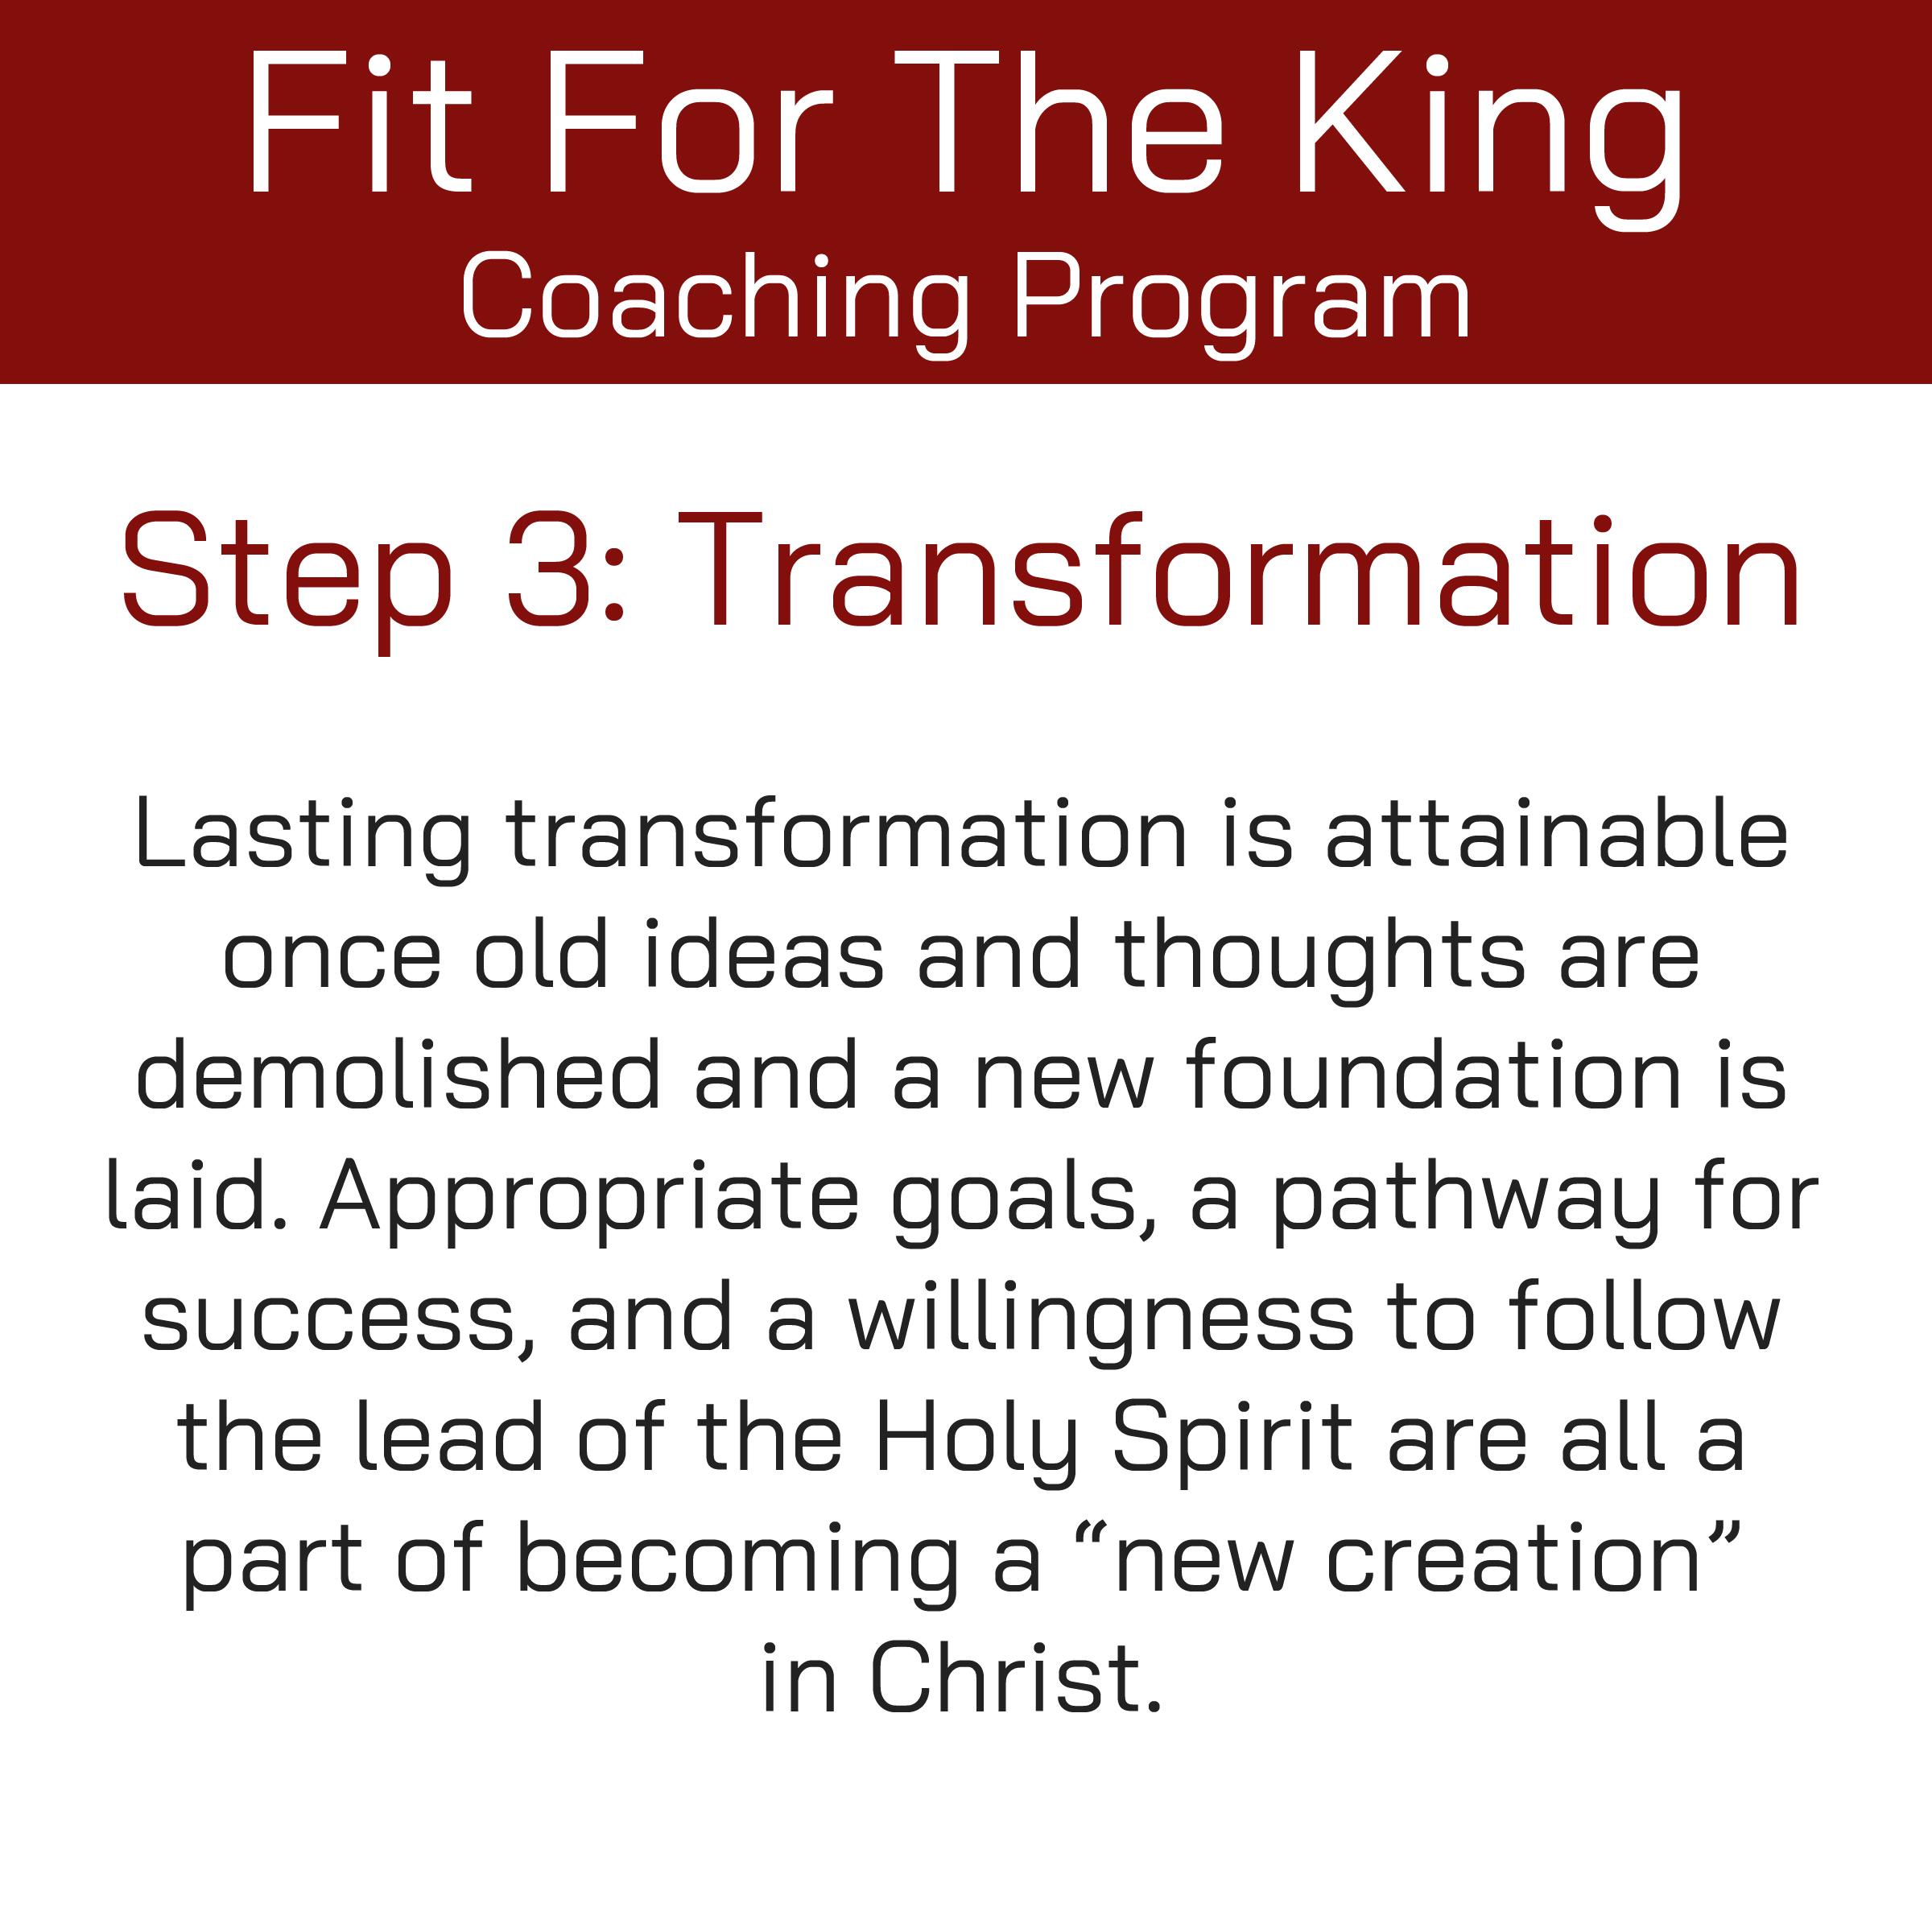 FFTK Coaching Program - Transformation